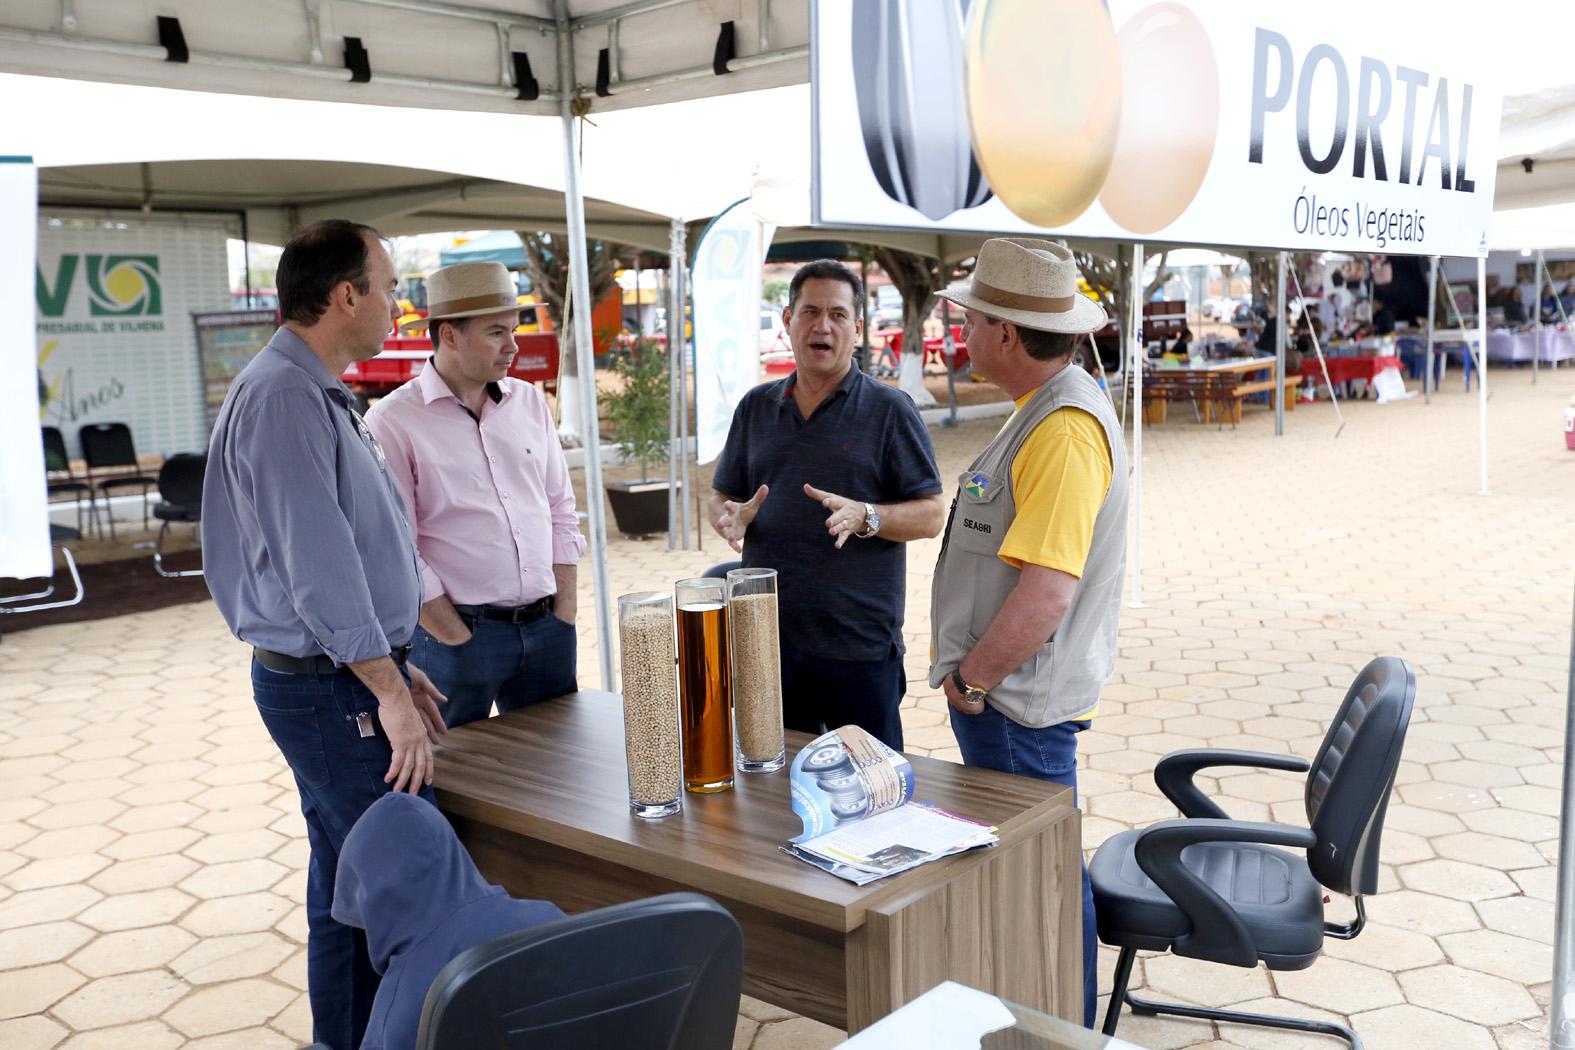 presidente-da-assembleia-destaca-forca-produtiva-de-rondonia-no1o-portal-do-agronegocio.jpg